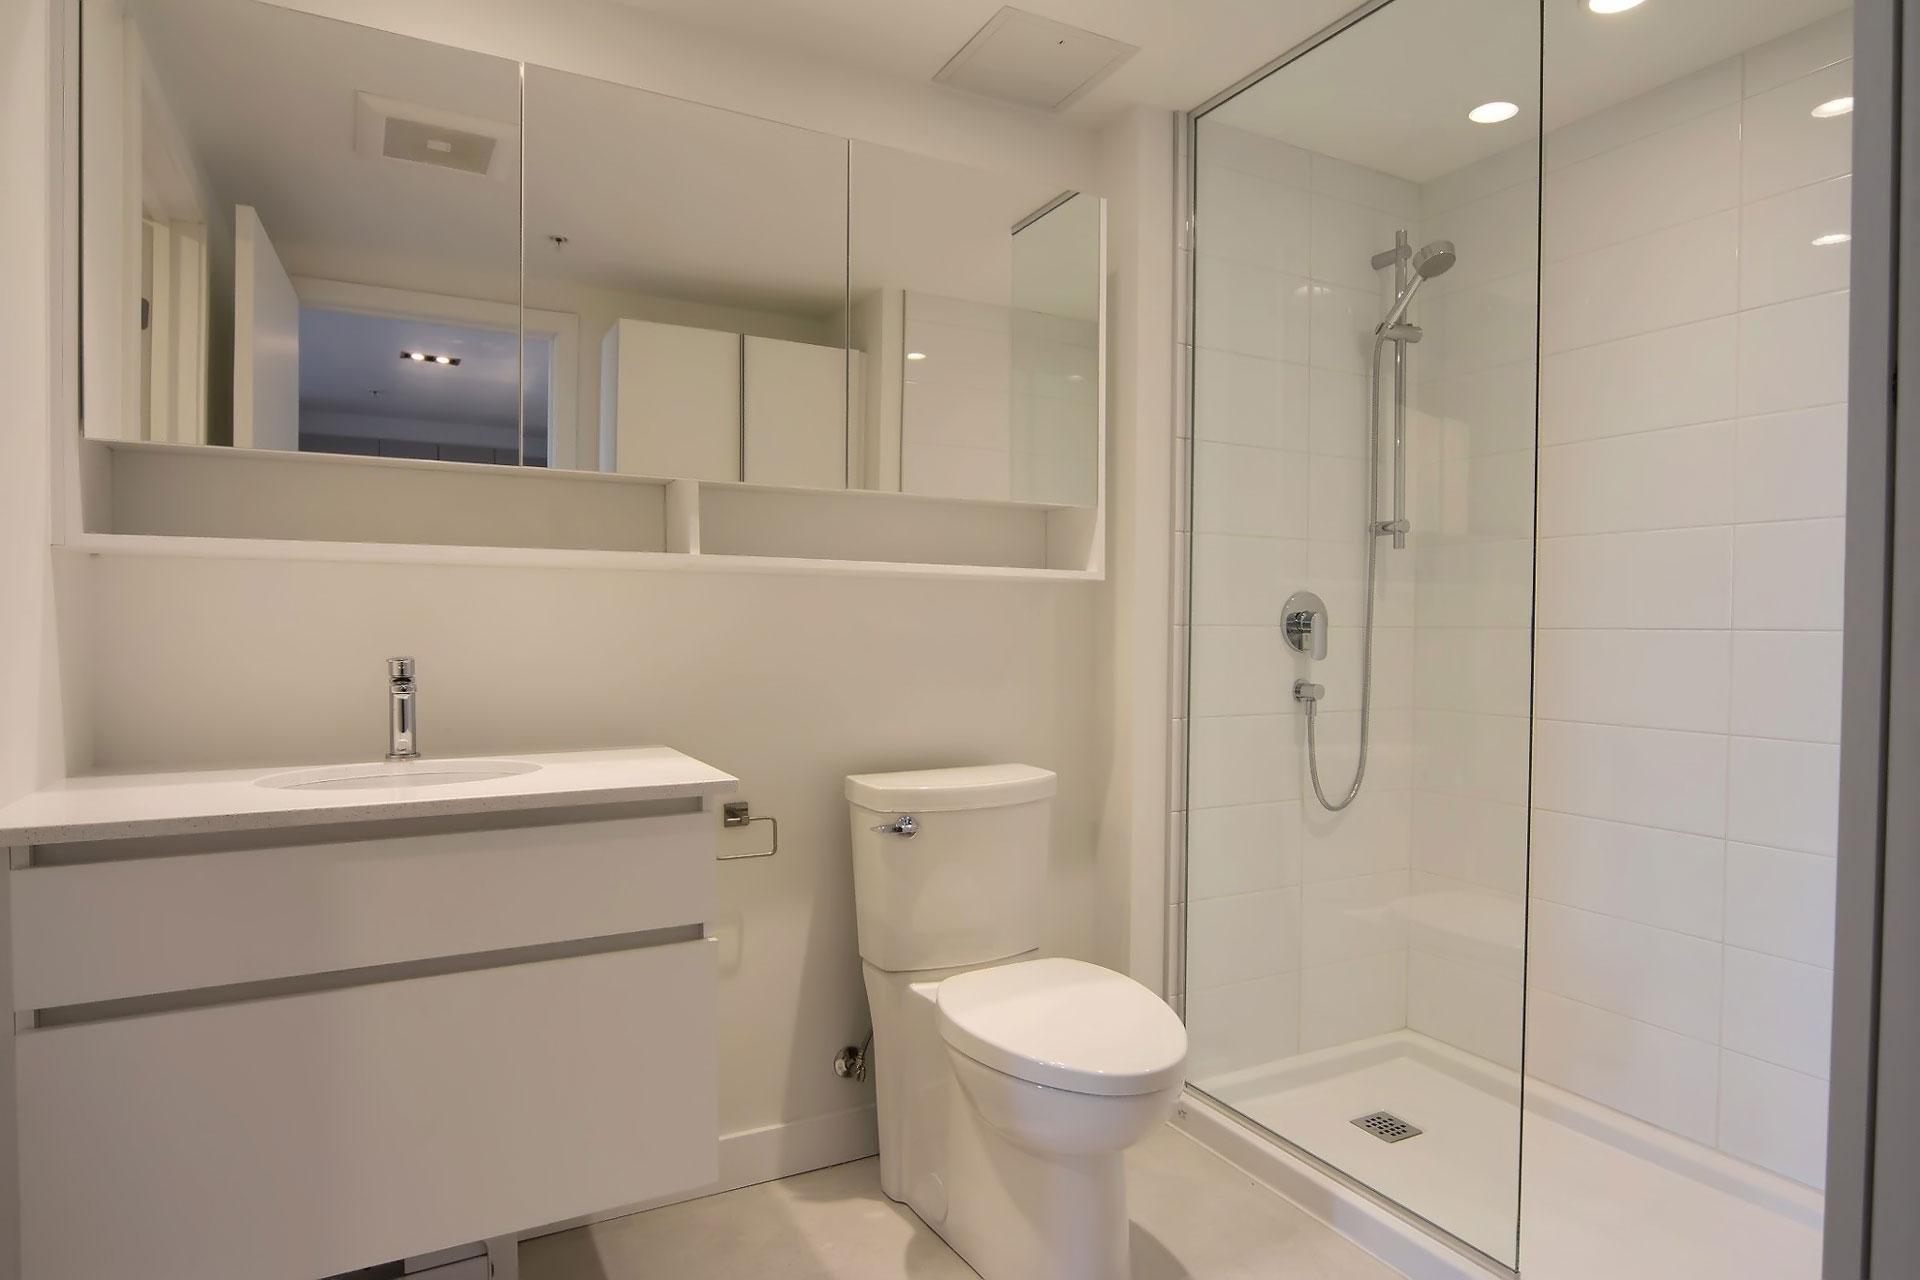 salle-de-bain-et-grande-couche-(2)